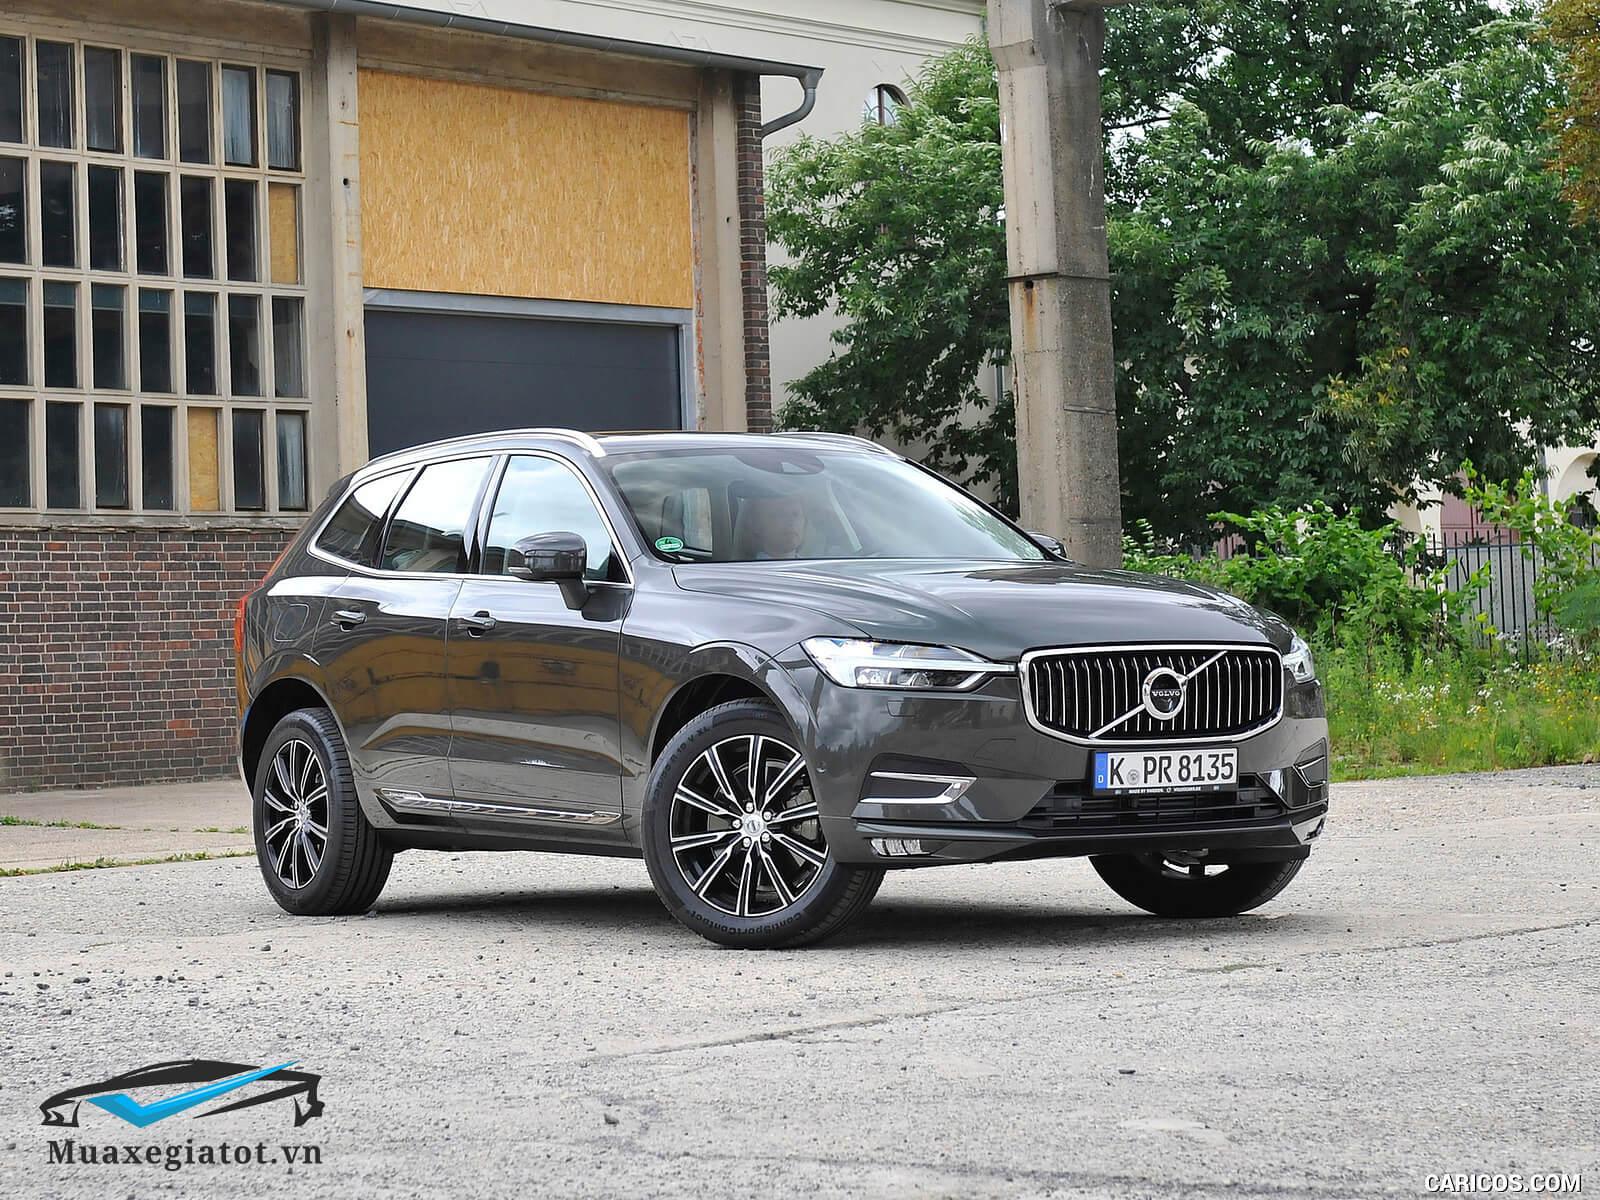 14 10 - Đánh giá xe Volvo XC60 2021, Đẳng cấp của sự an toàn